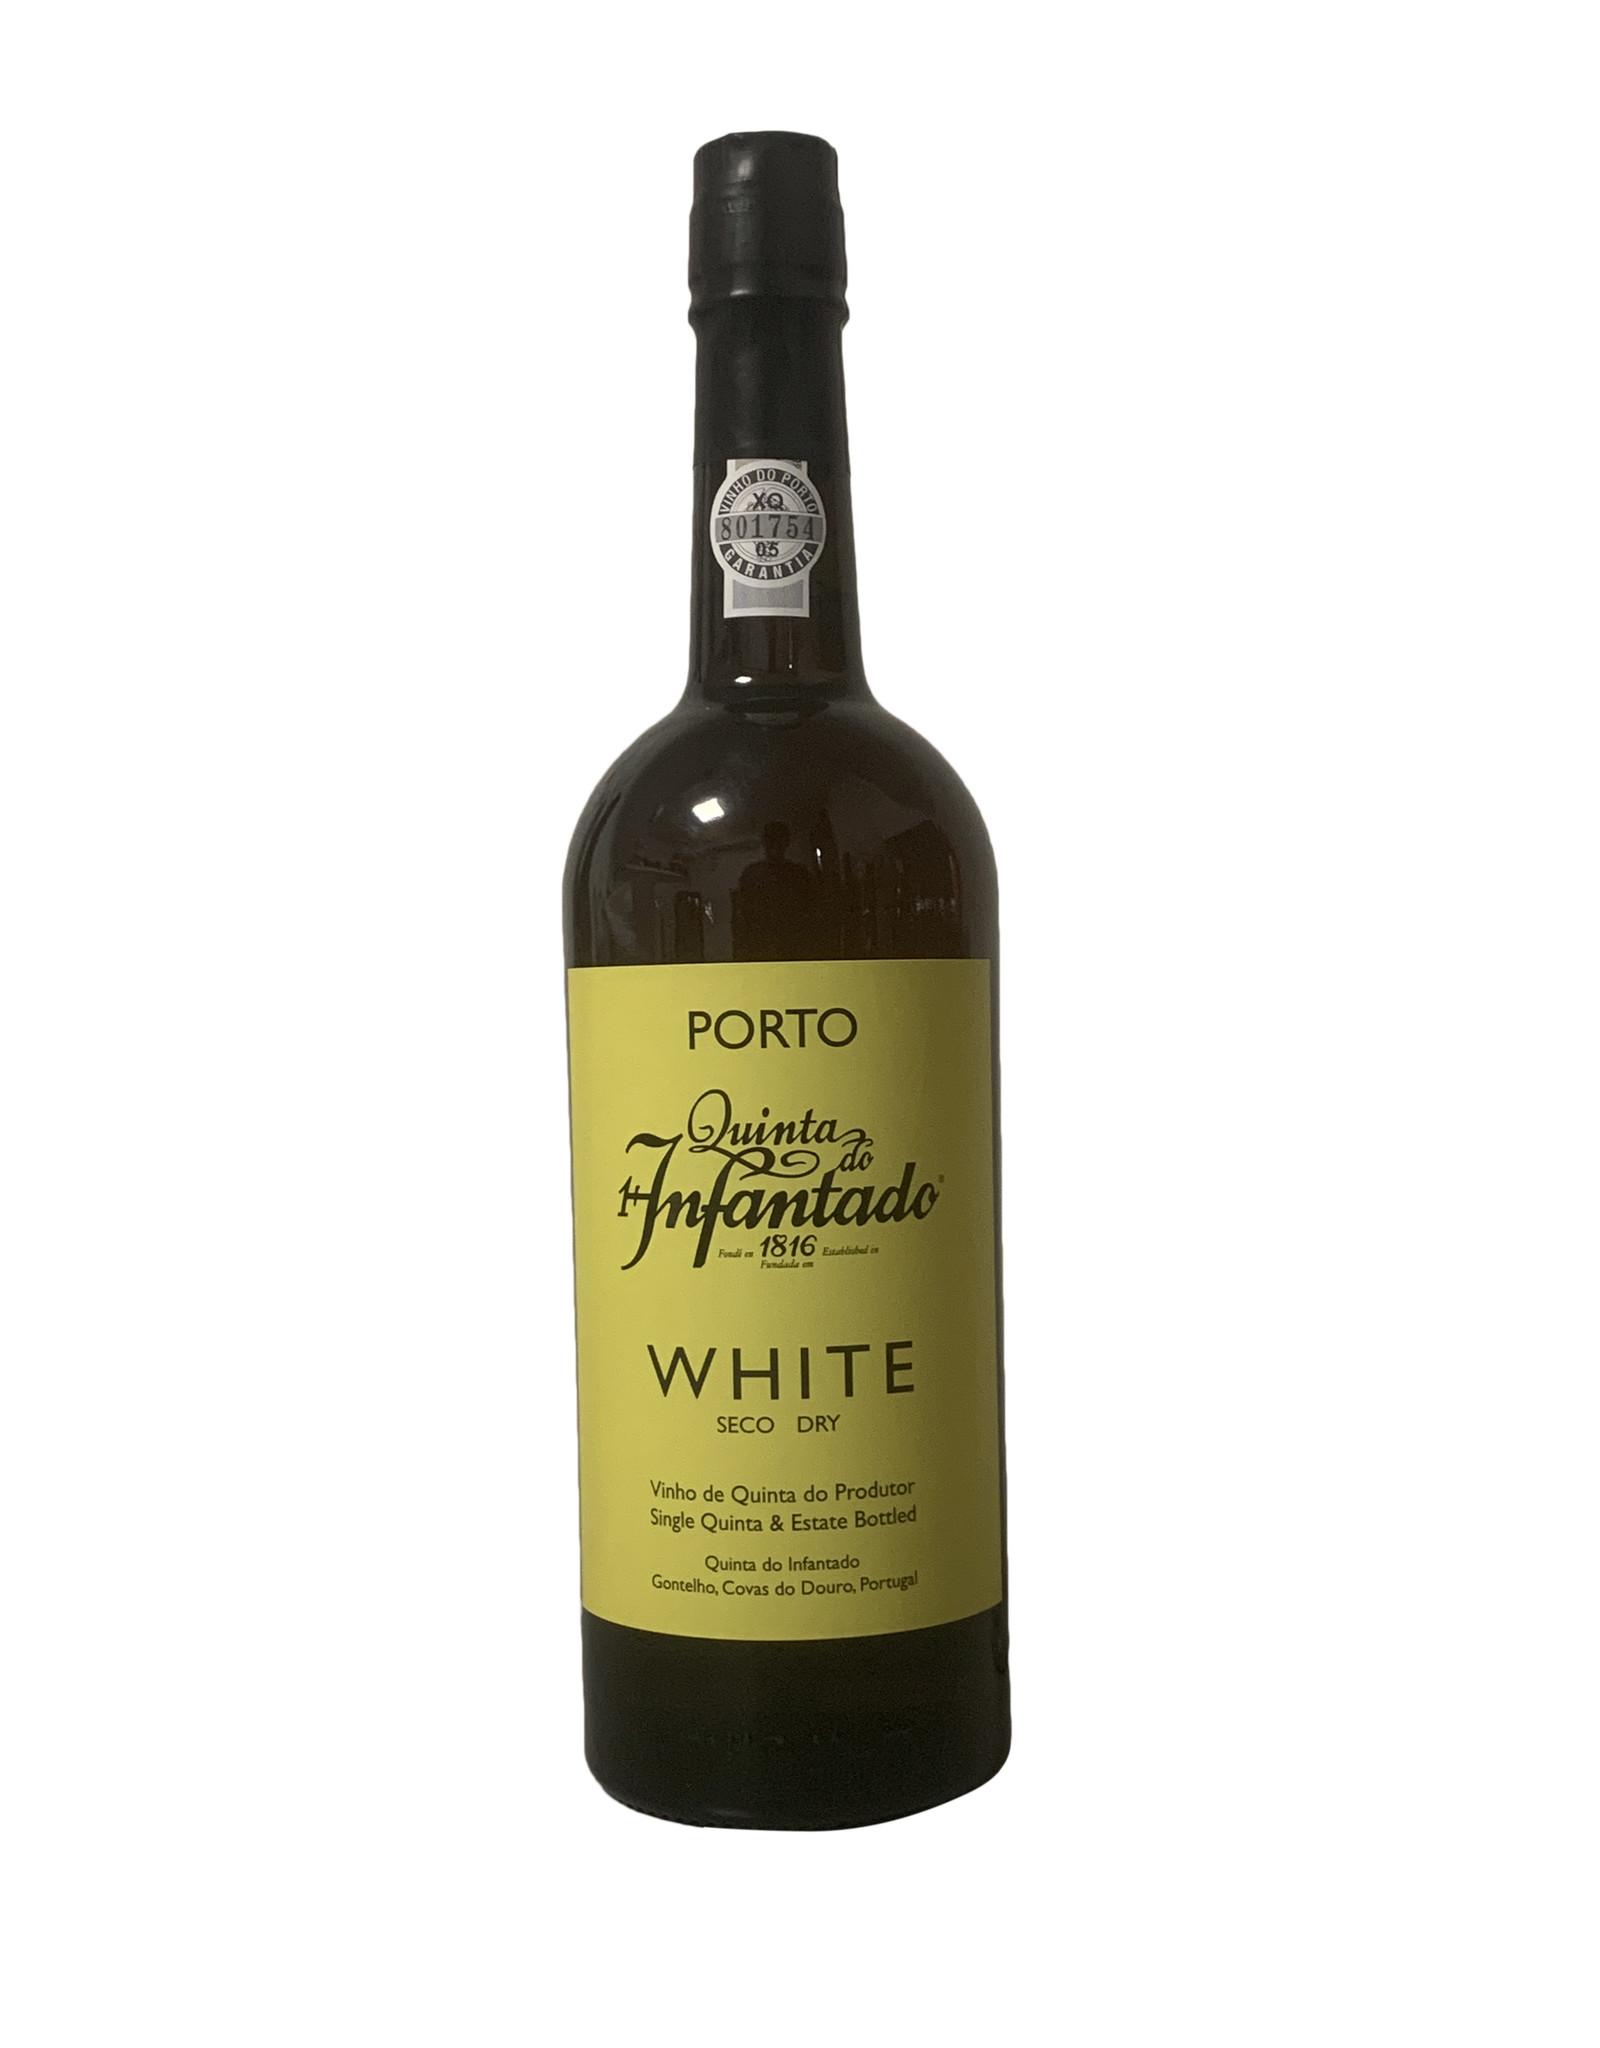 Quinto do Infantado Quinta do Infantado White Port, Douro, Portugal (750ml)